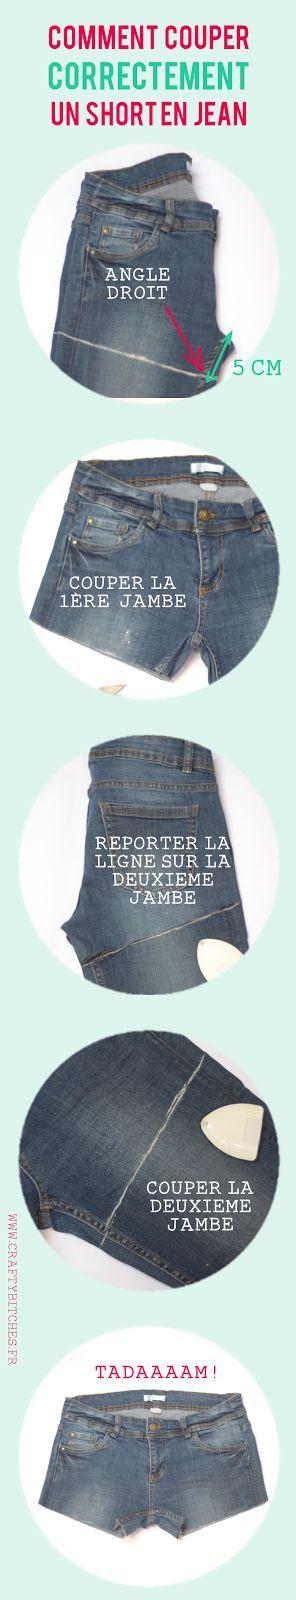 Crafty Bitches - Blog DIY, Couture, Déco, Vintage. Tuto couture, Do it yourself, décoration, rétro.: Comment couper un short en jean (sans faire de massacre)  ♥ #epinglercpartager